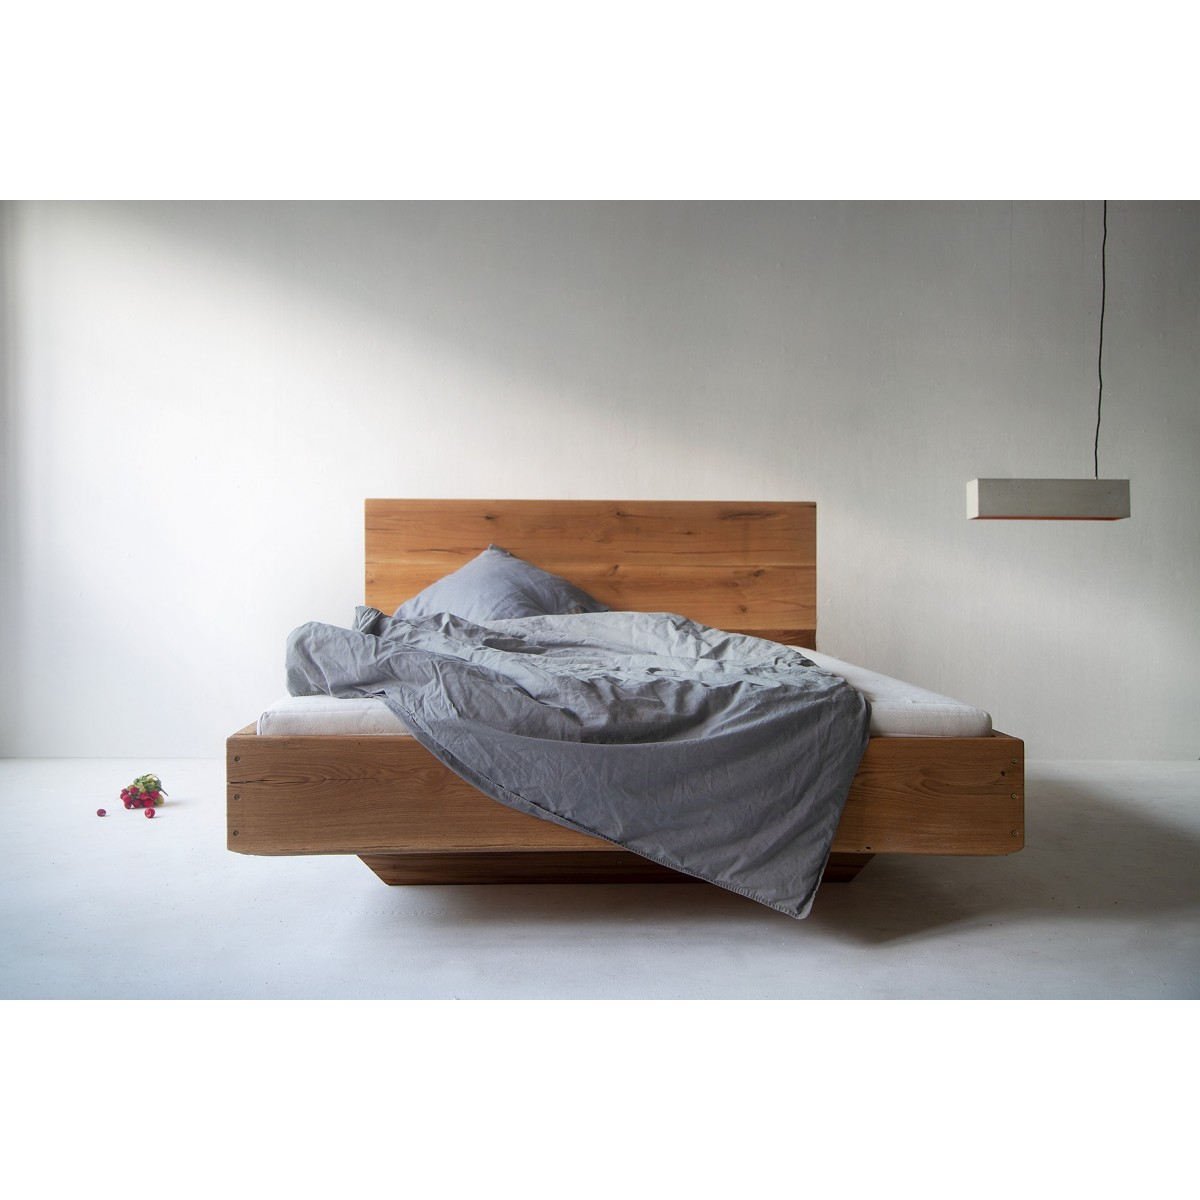 FraaiBerlin Altholz Eichen Bett Durande mit Lehne